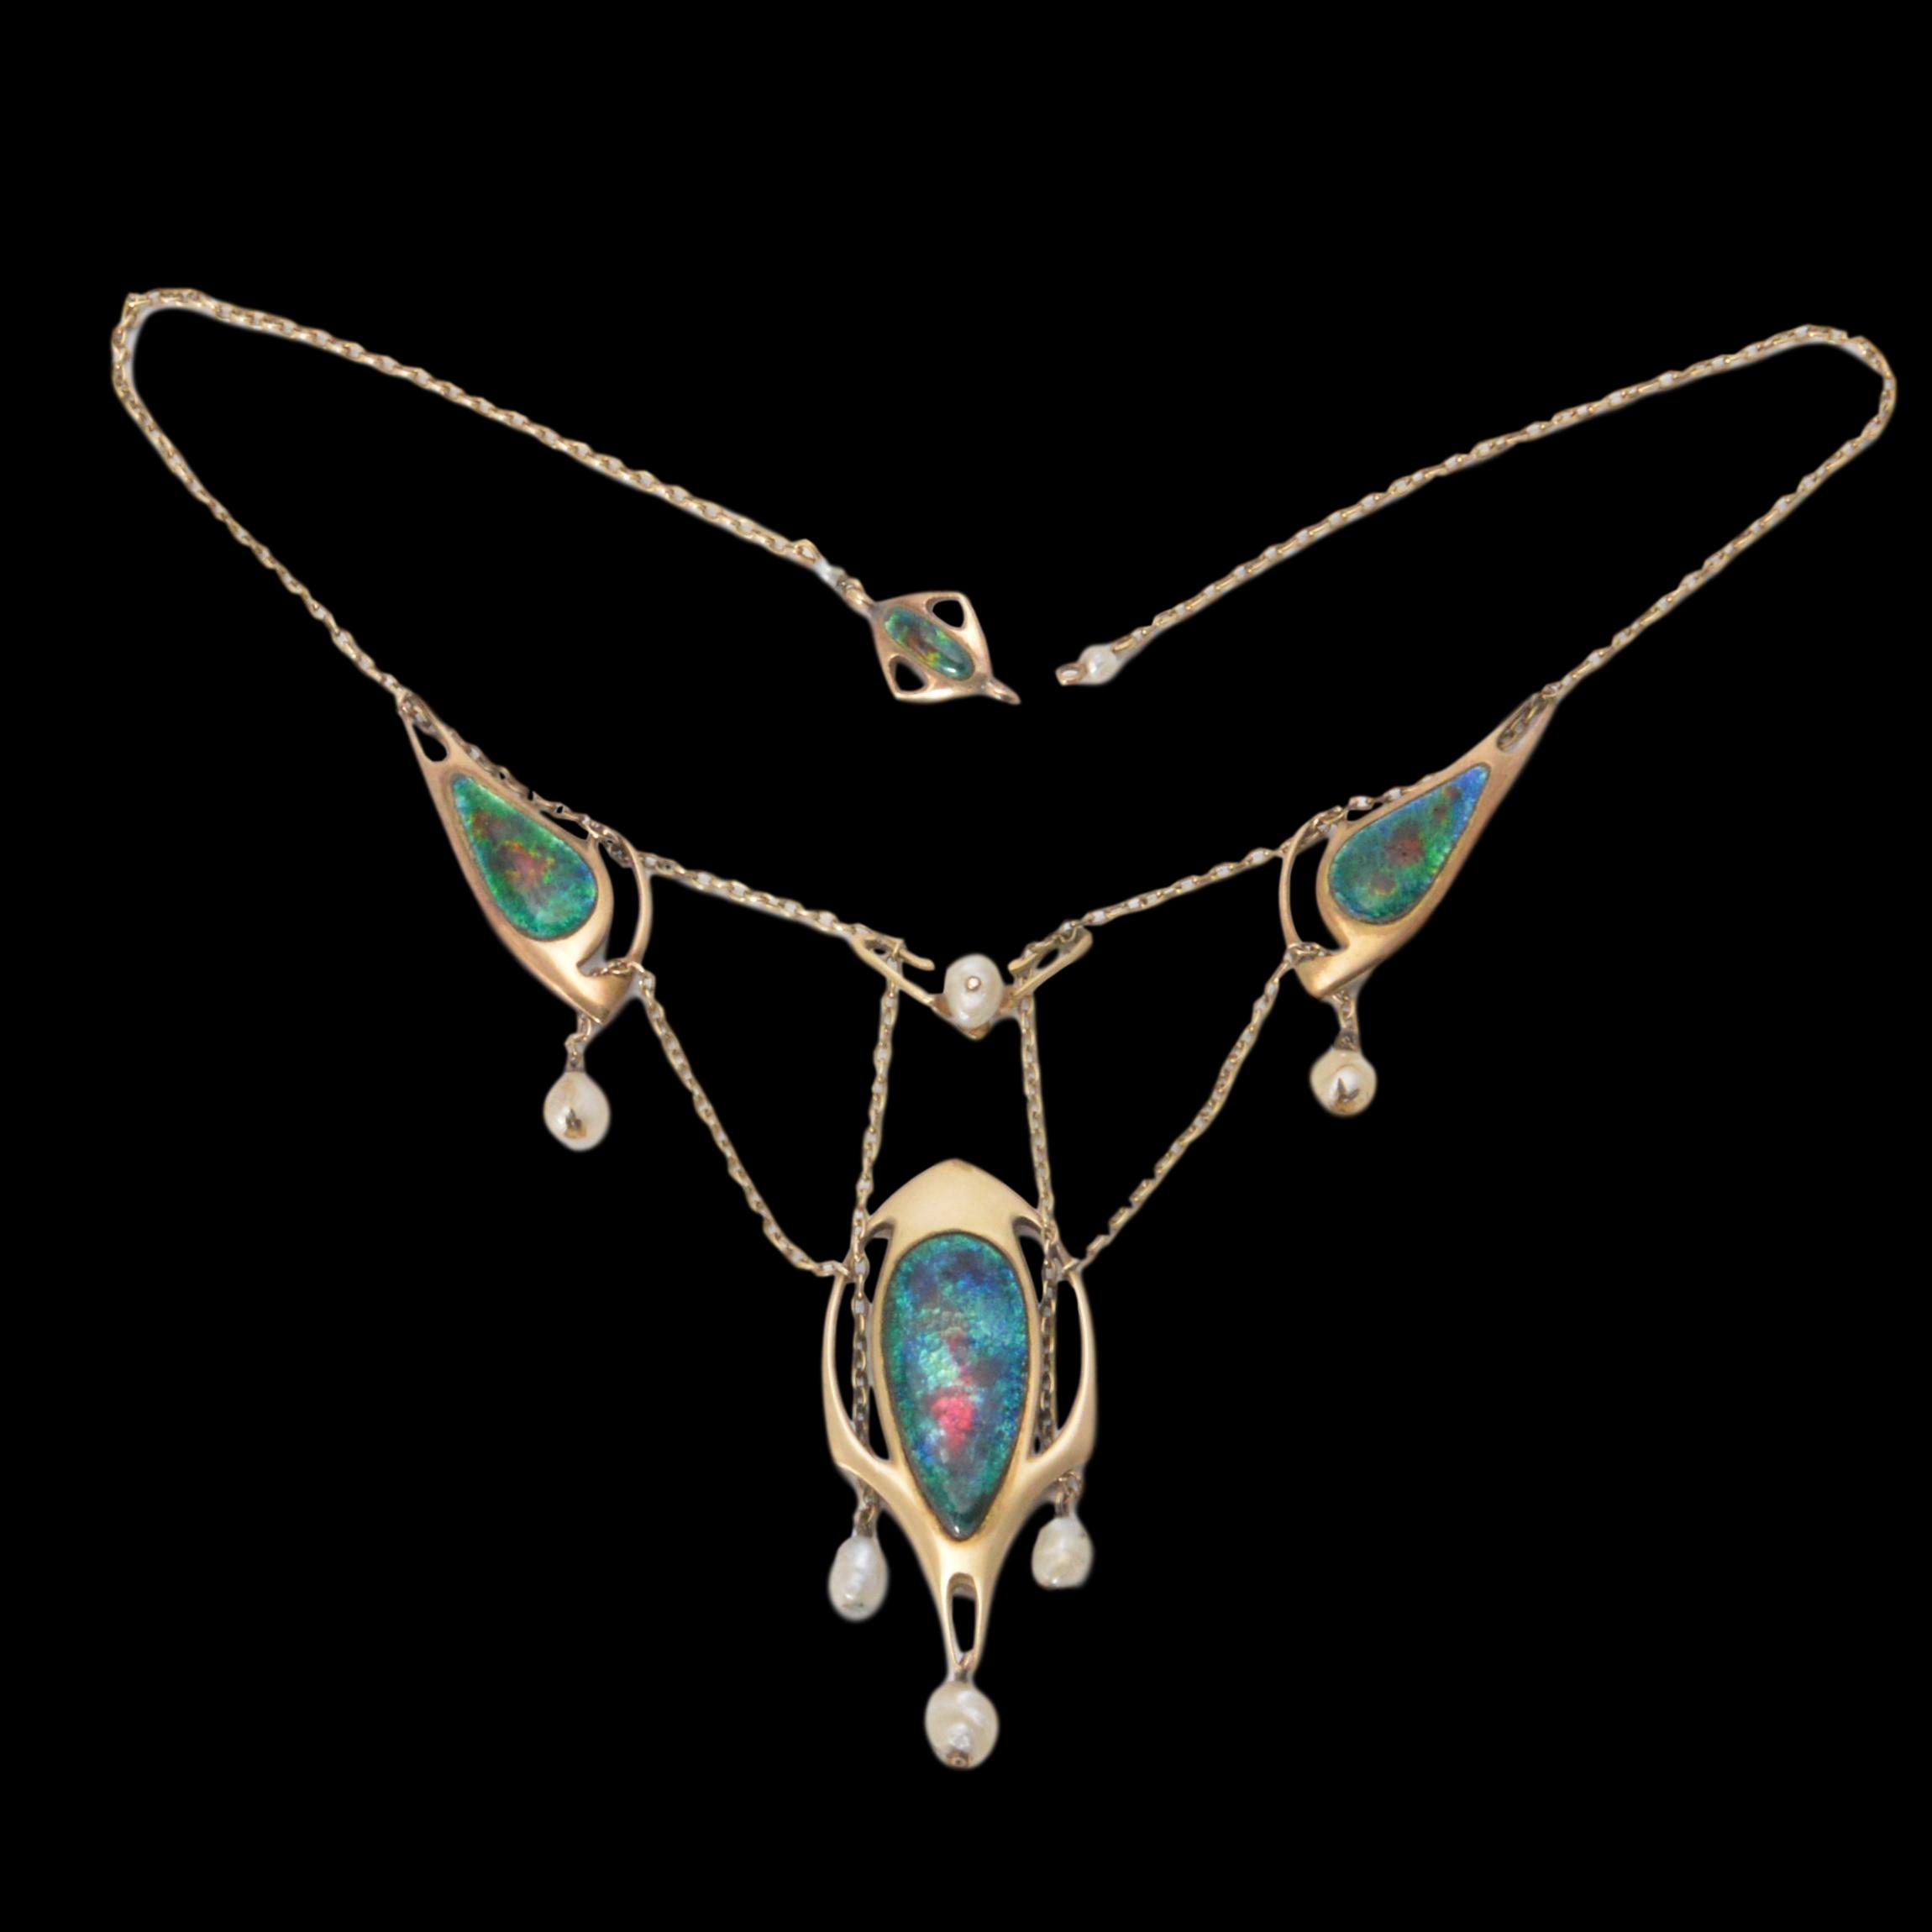 Archibald Knox necklace